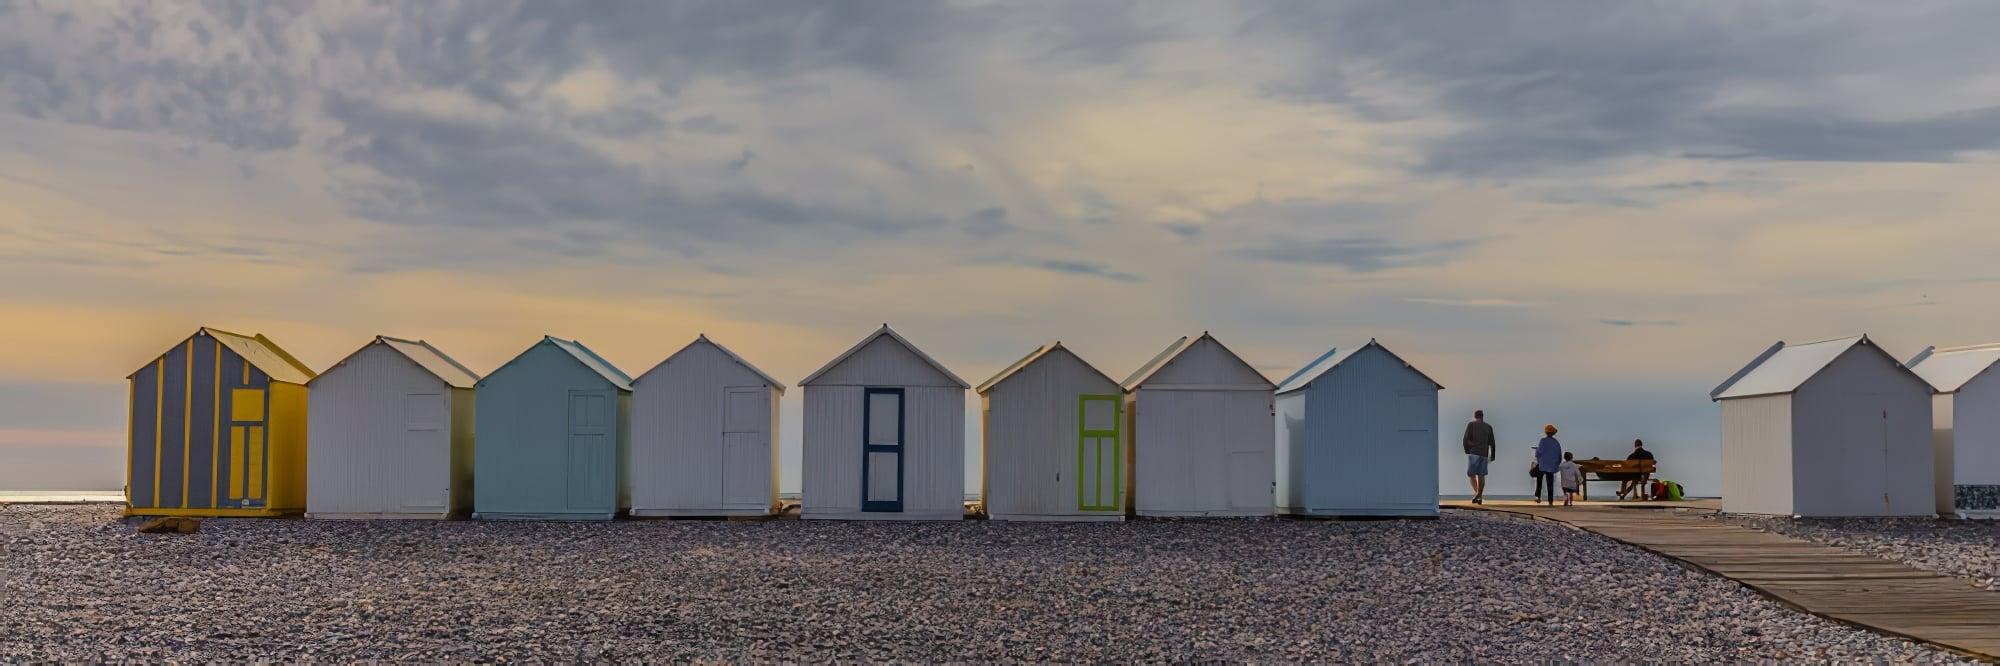 Visiter les Hauts-de-France : Cabines de mer dans la baie de Somme